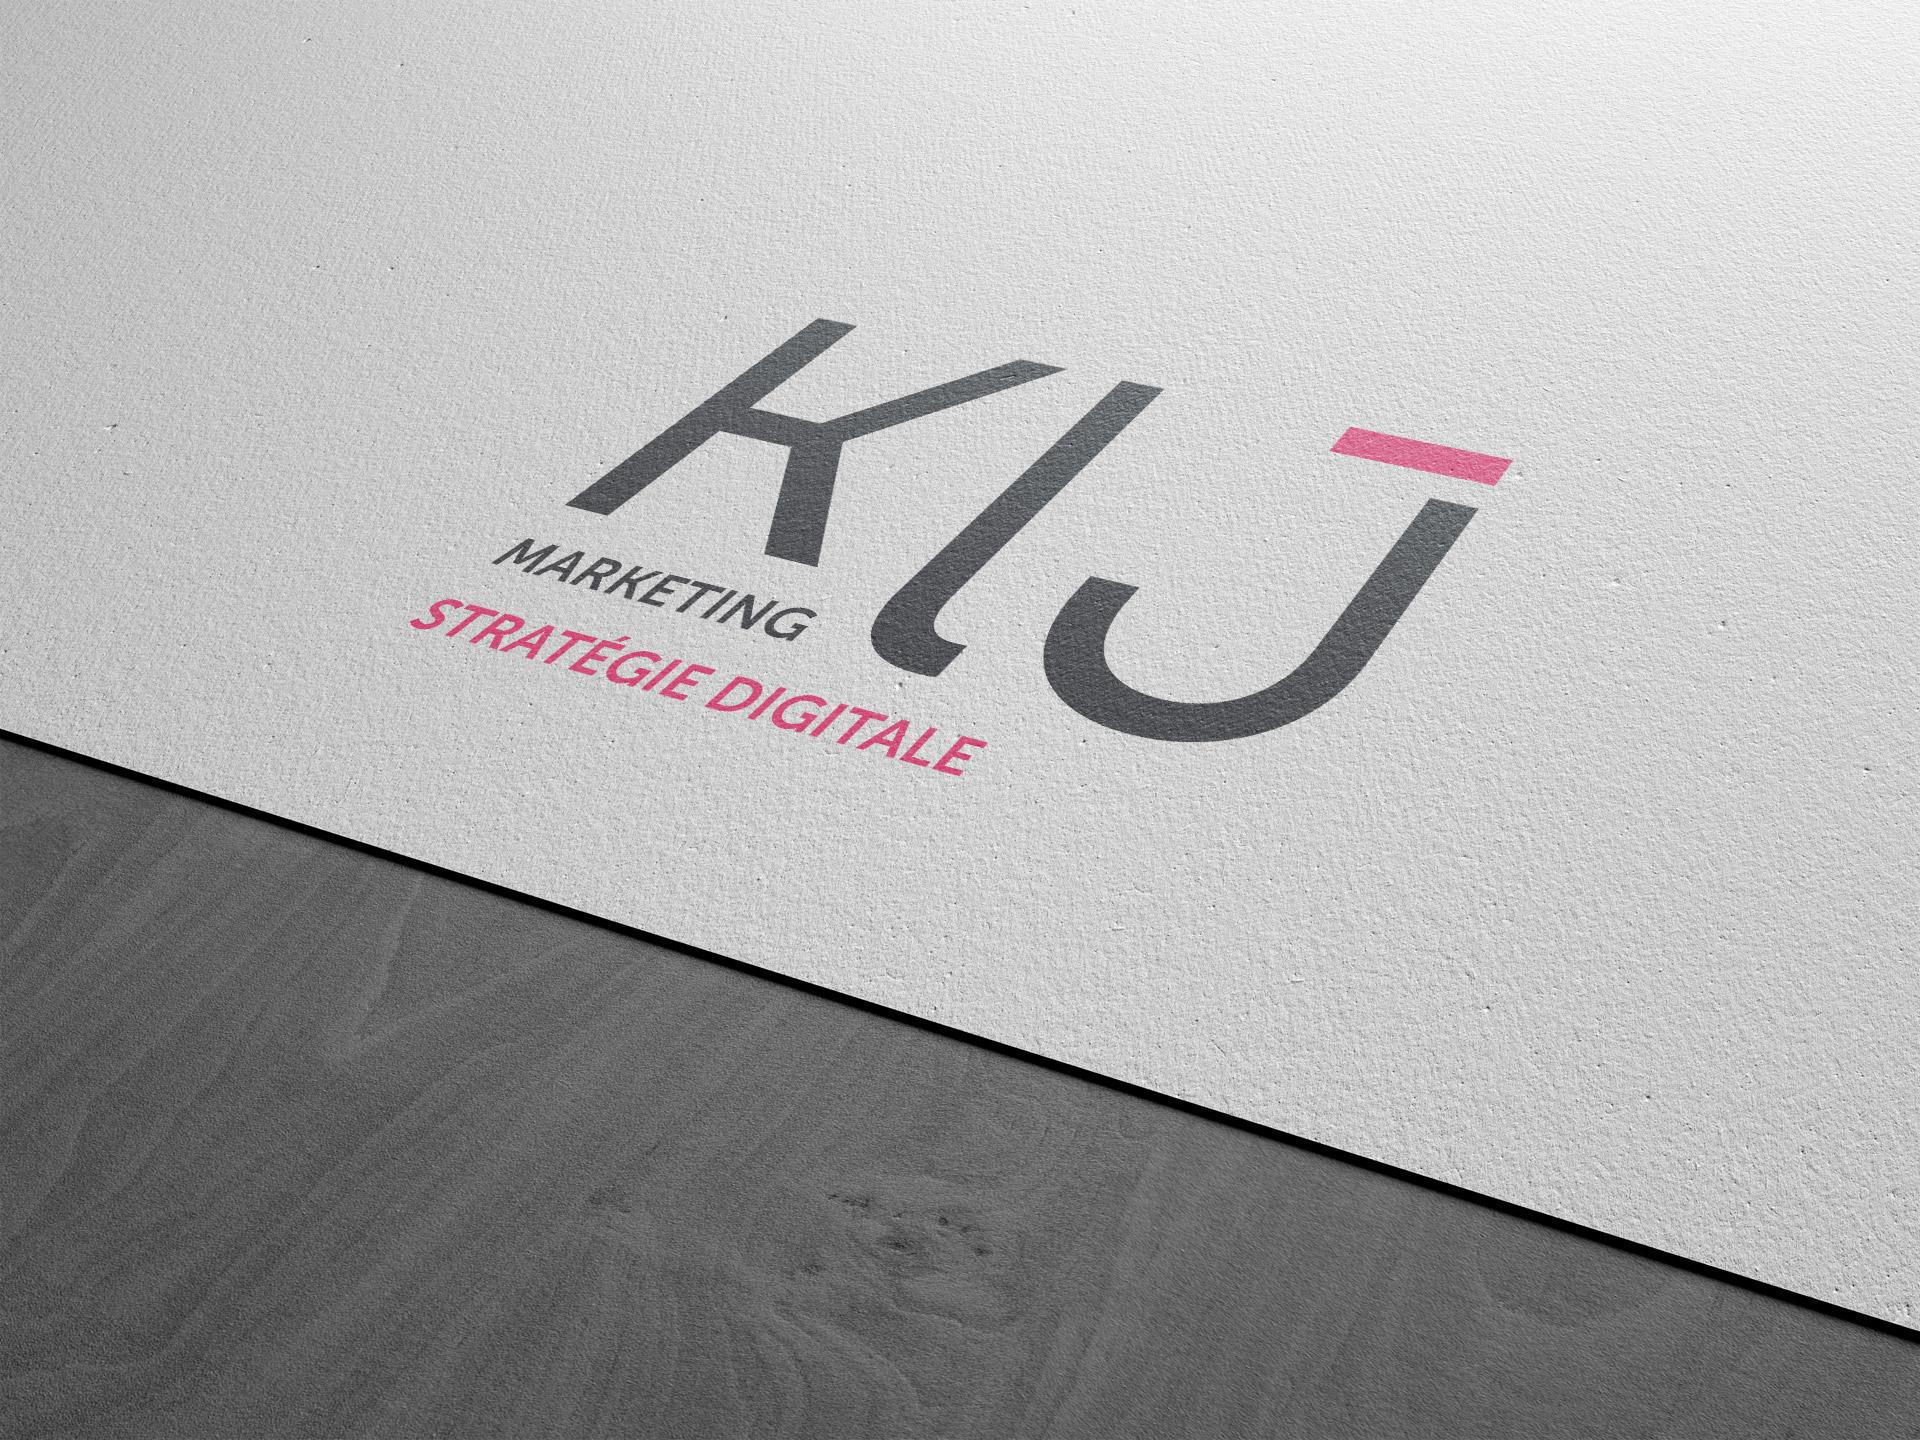 Création charte graphique KLJ spécialiste marketing stratégie digitale Montpellier